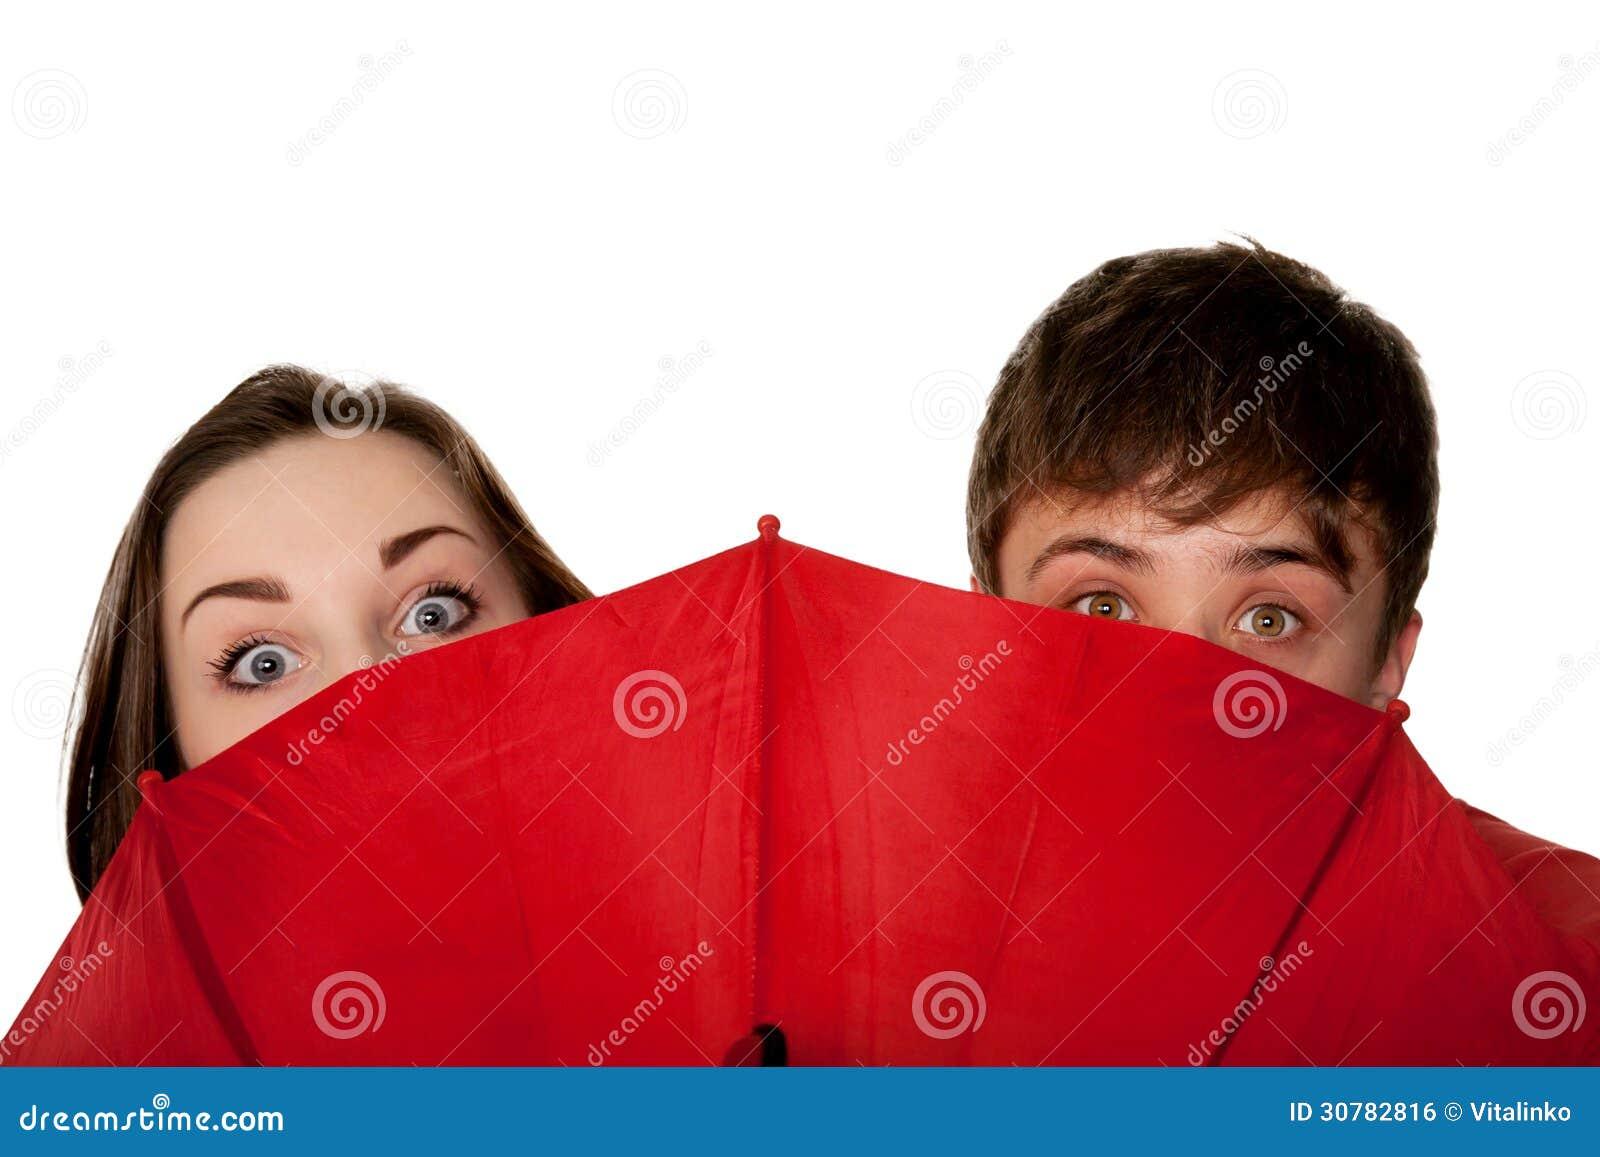 Adolescentes, muchacho y muchacha, mirando furtivamente para el paraguas rojo.